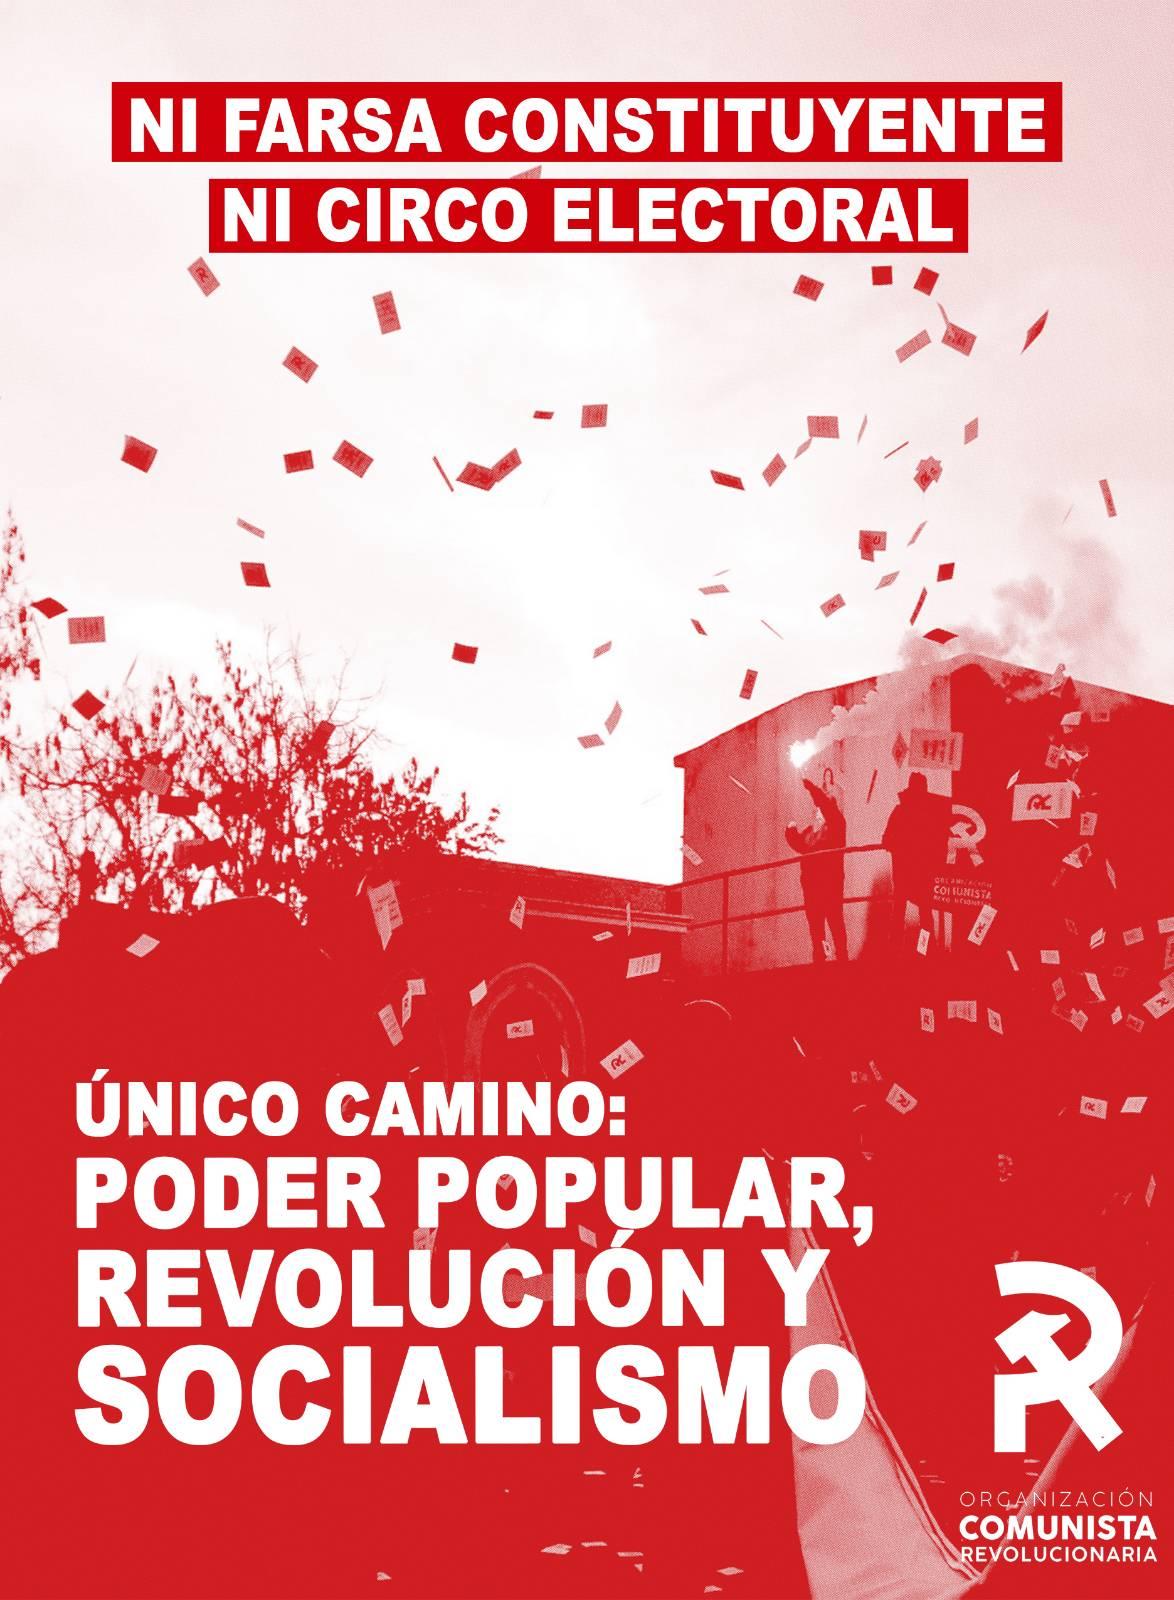 CHILE: SOBRE EL PANTANO ELECTORAL HABLA LA ORGANIZACIÓN COMUNISTA REVOLUCIONARIA